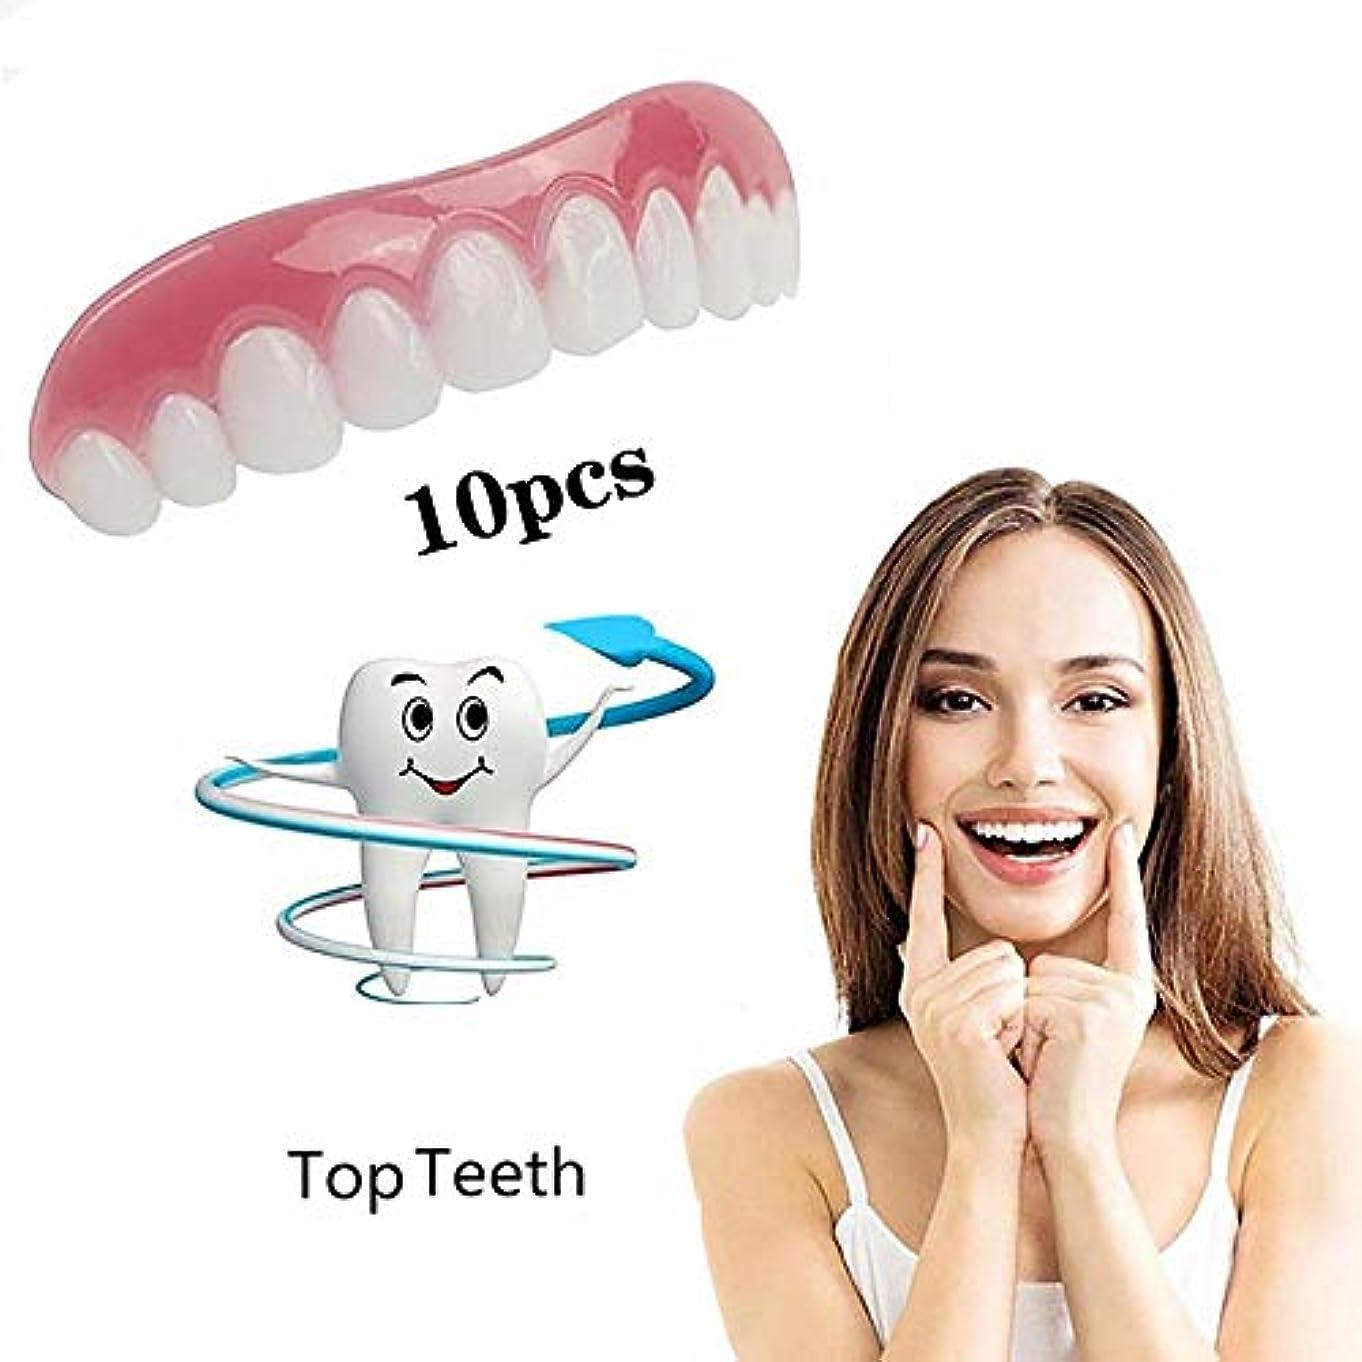 ギャラリー悪名高い統治可能10個偽の歯アッパー偽の偽の歯カバースナップオン即時の歯の化粧品義歯のケアオーラルケアシリコーンホワイトニング義歯